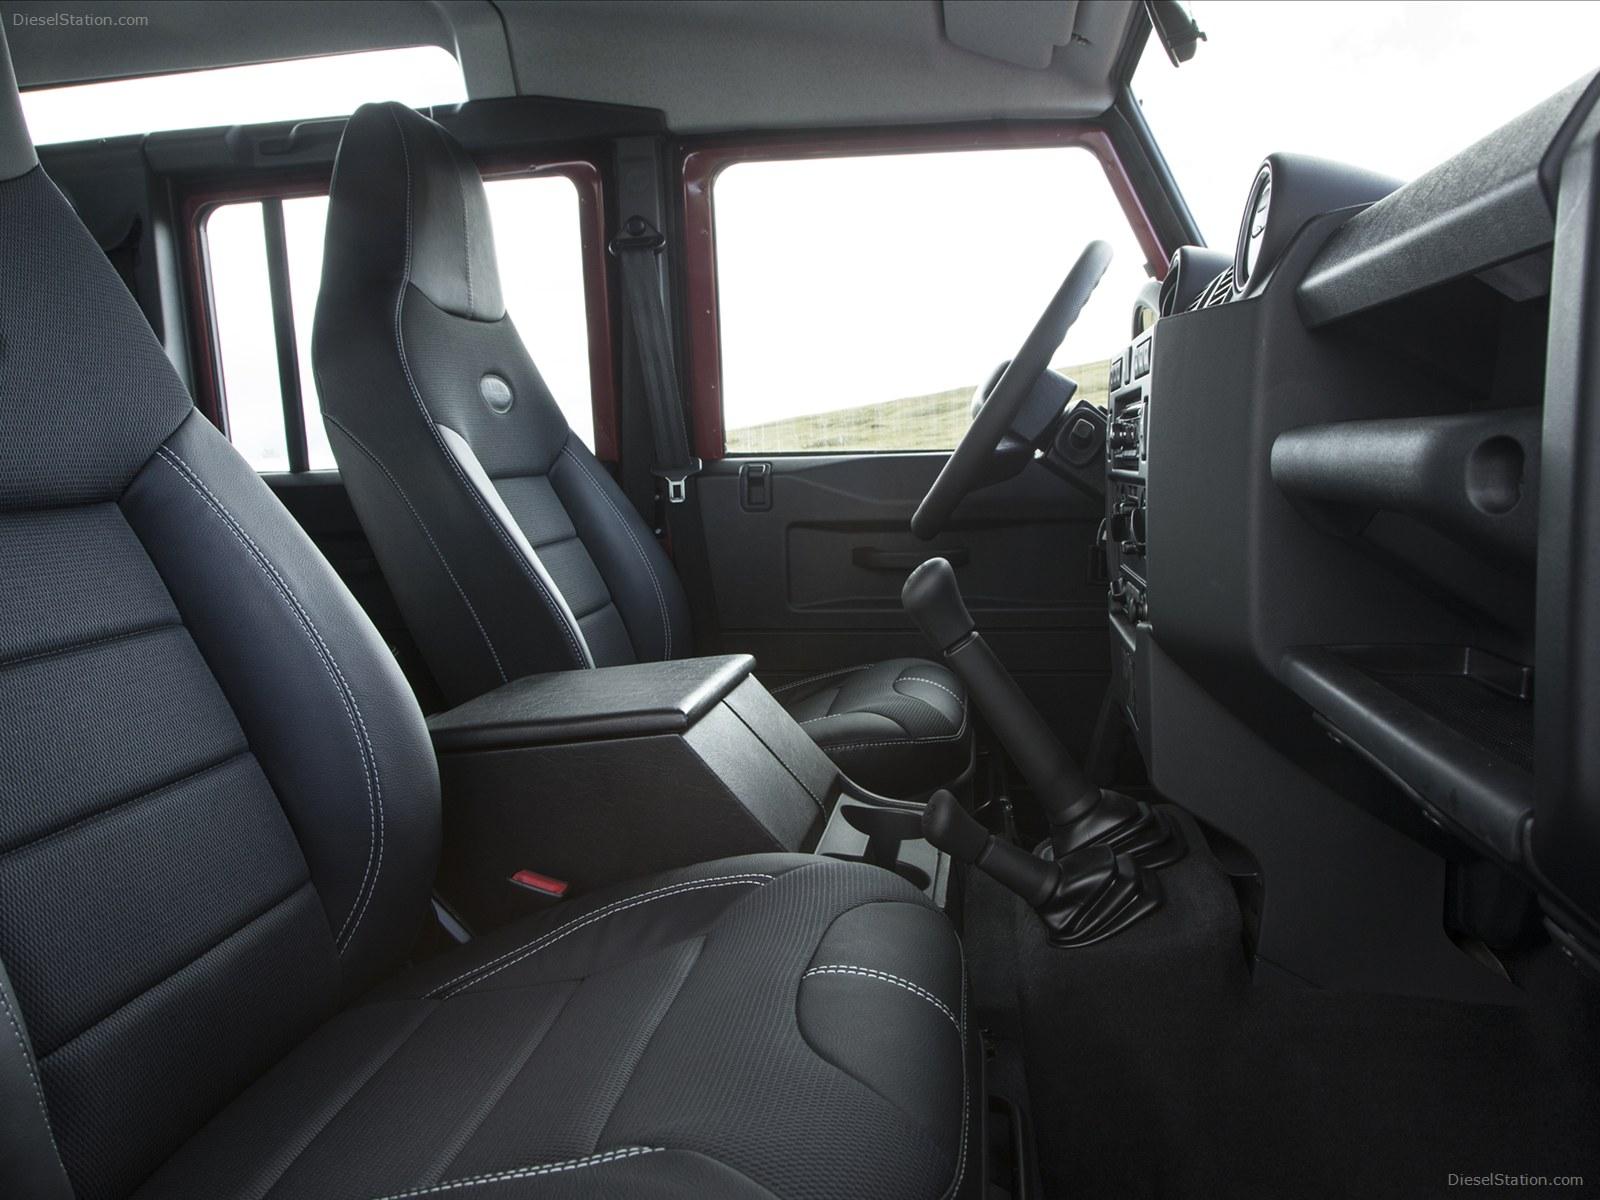 14モデル 新車 ディフェンダー110 【オプション】  ヘッドレスト一体型シート 全席7席   現地UKディーラーOP